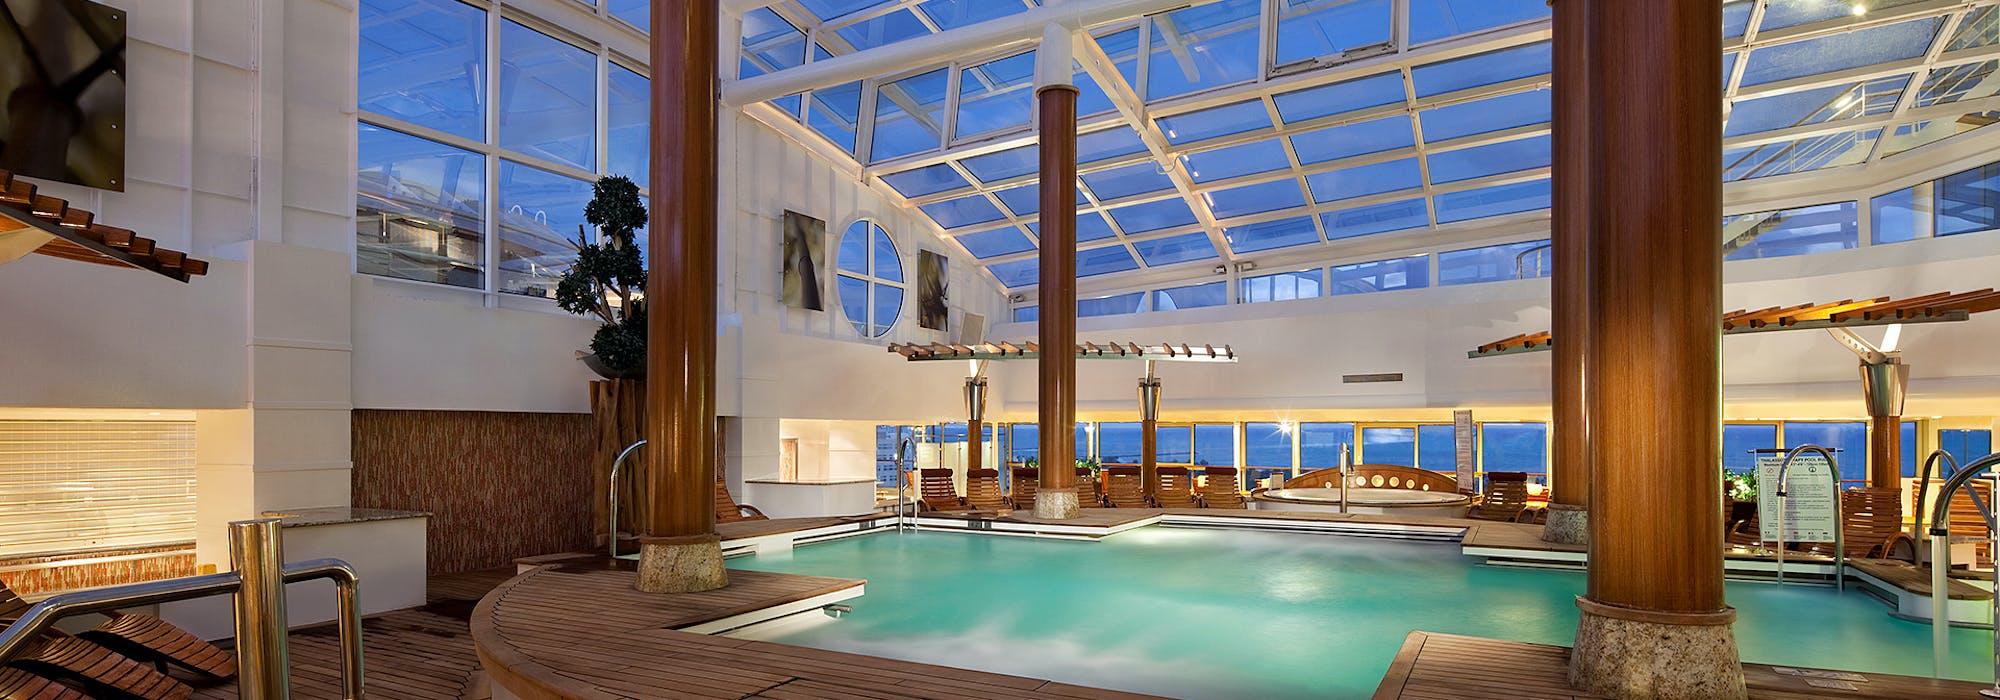 Stilrent inglasat poolområde på Celebrity Infinity.